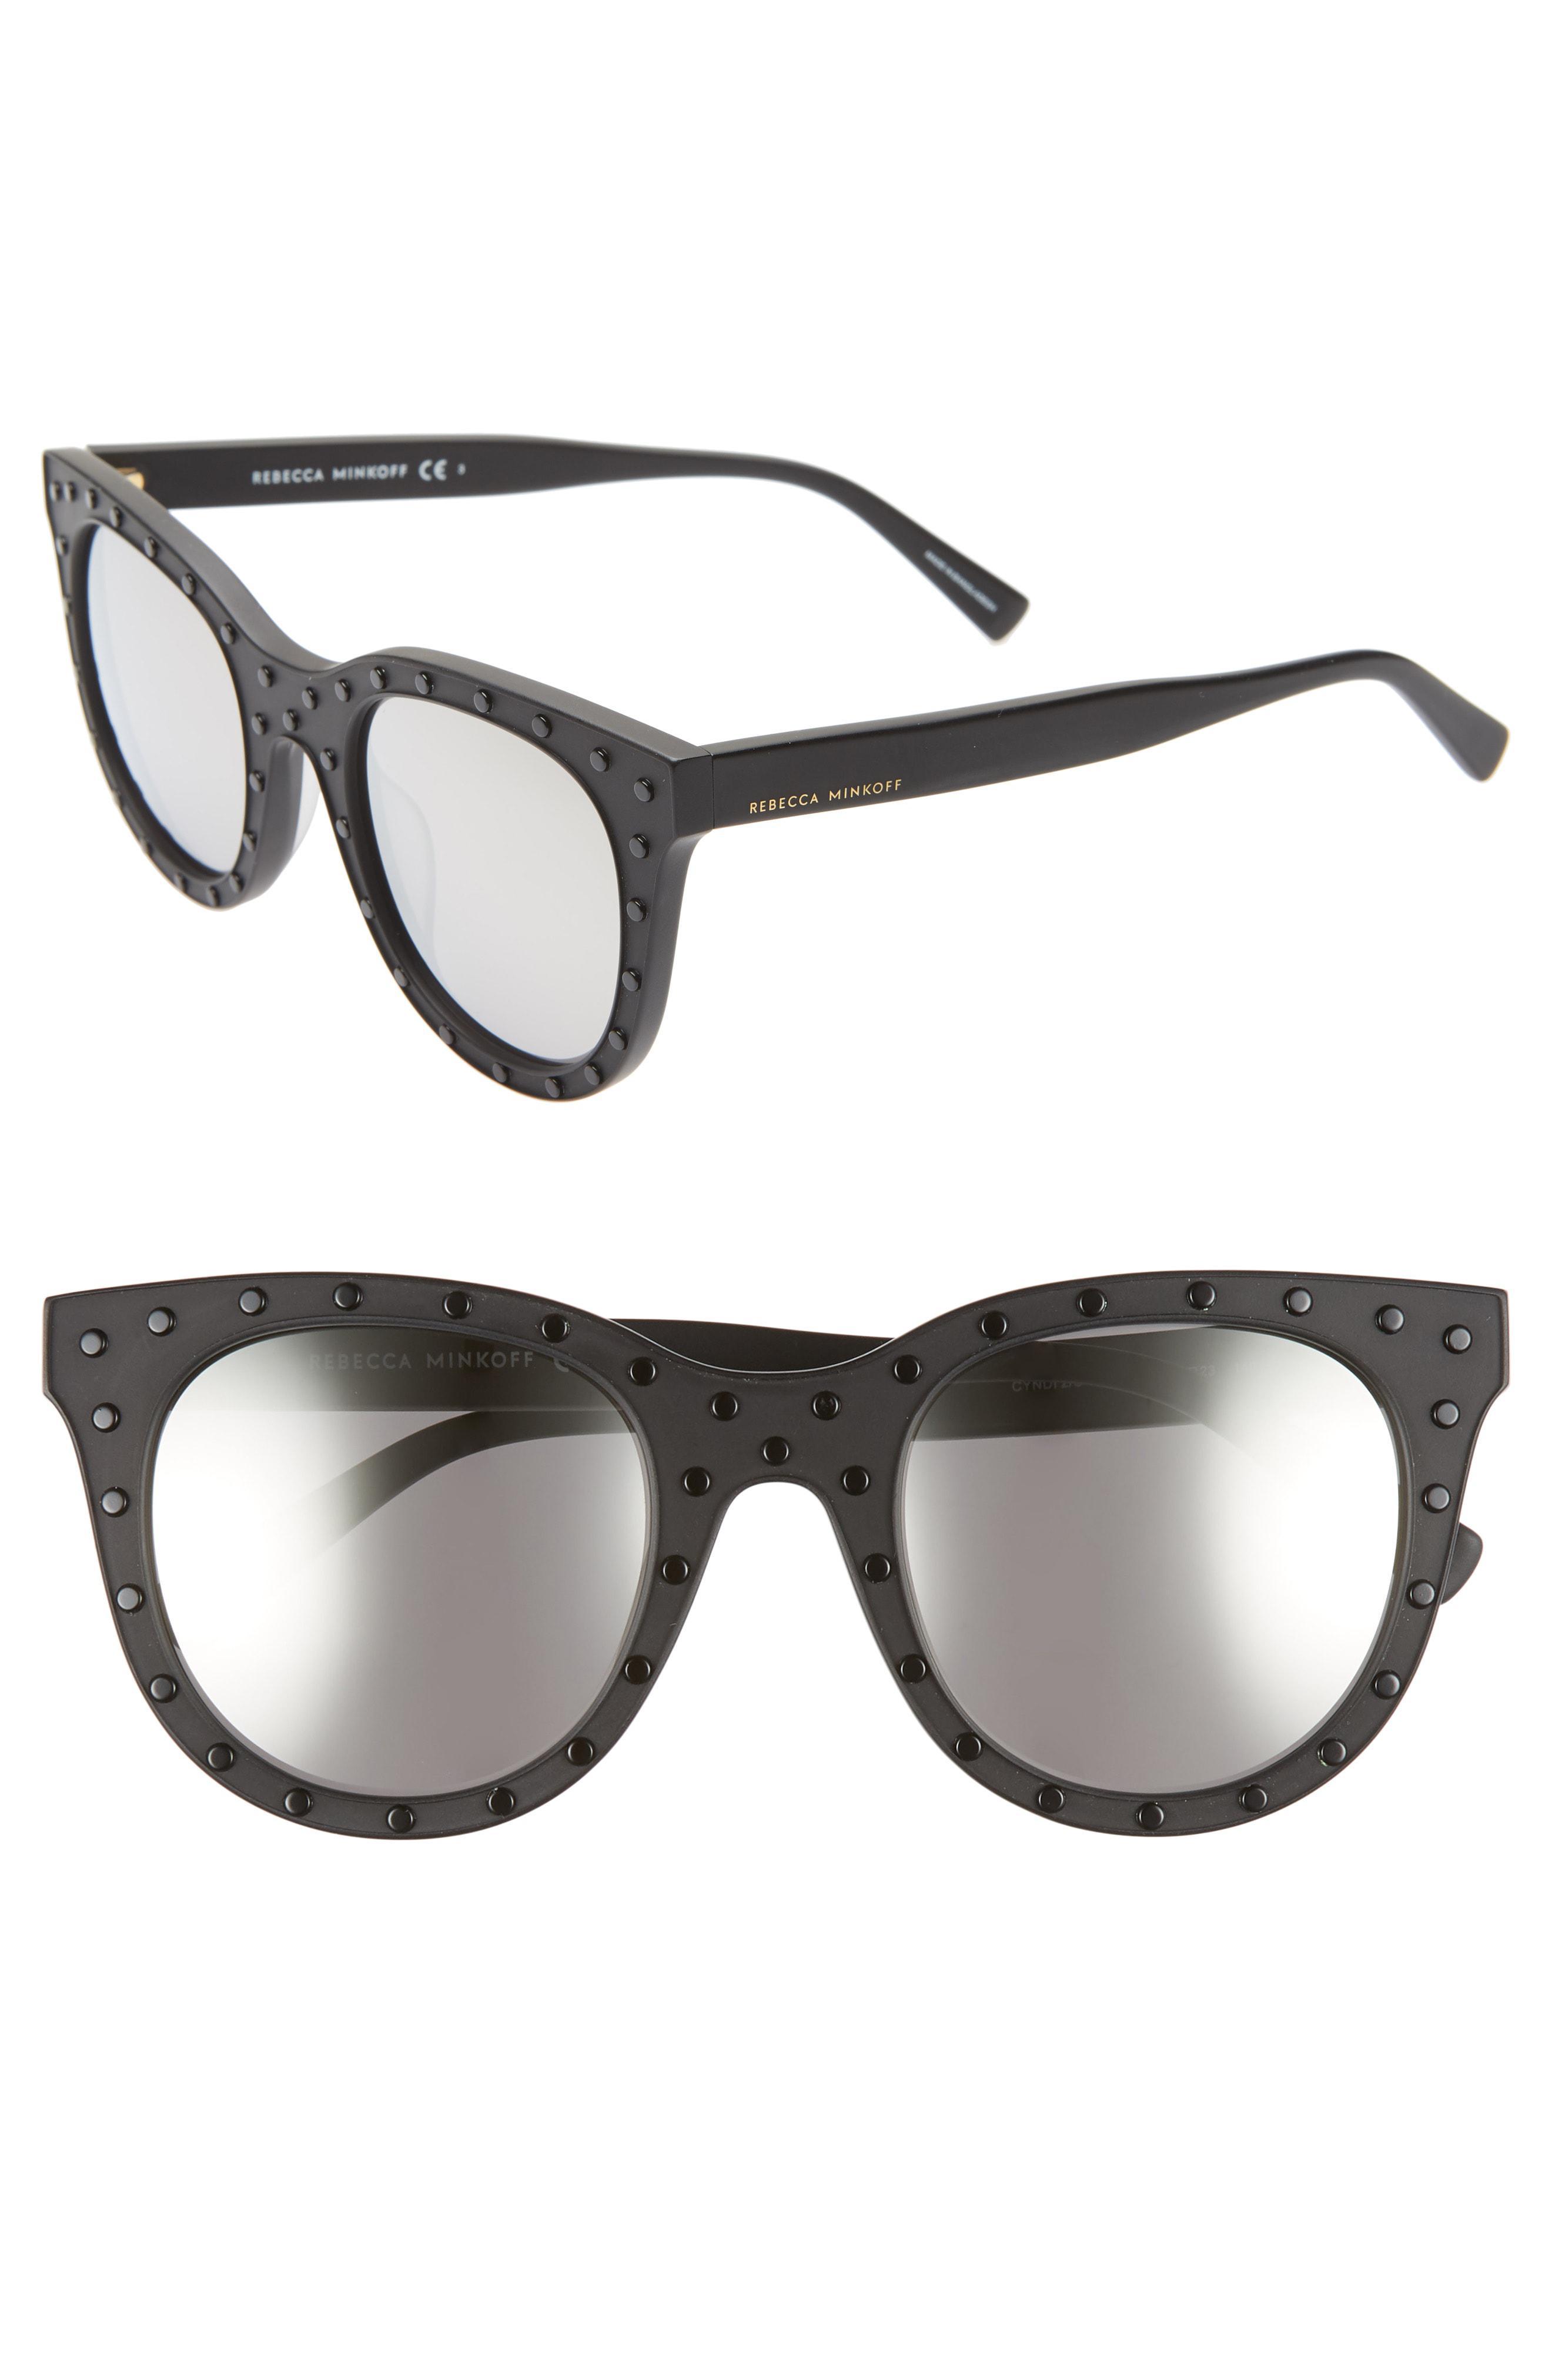 6c6435c6e2835 Rebecca Minkoff - Multicolor Cyndi2 50mm Studded Sunglasses - - Lyst. View  fullscreen